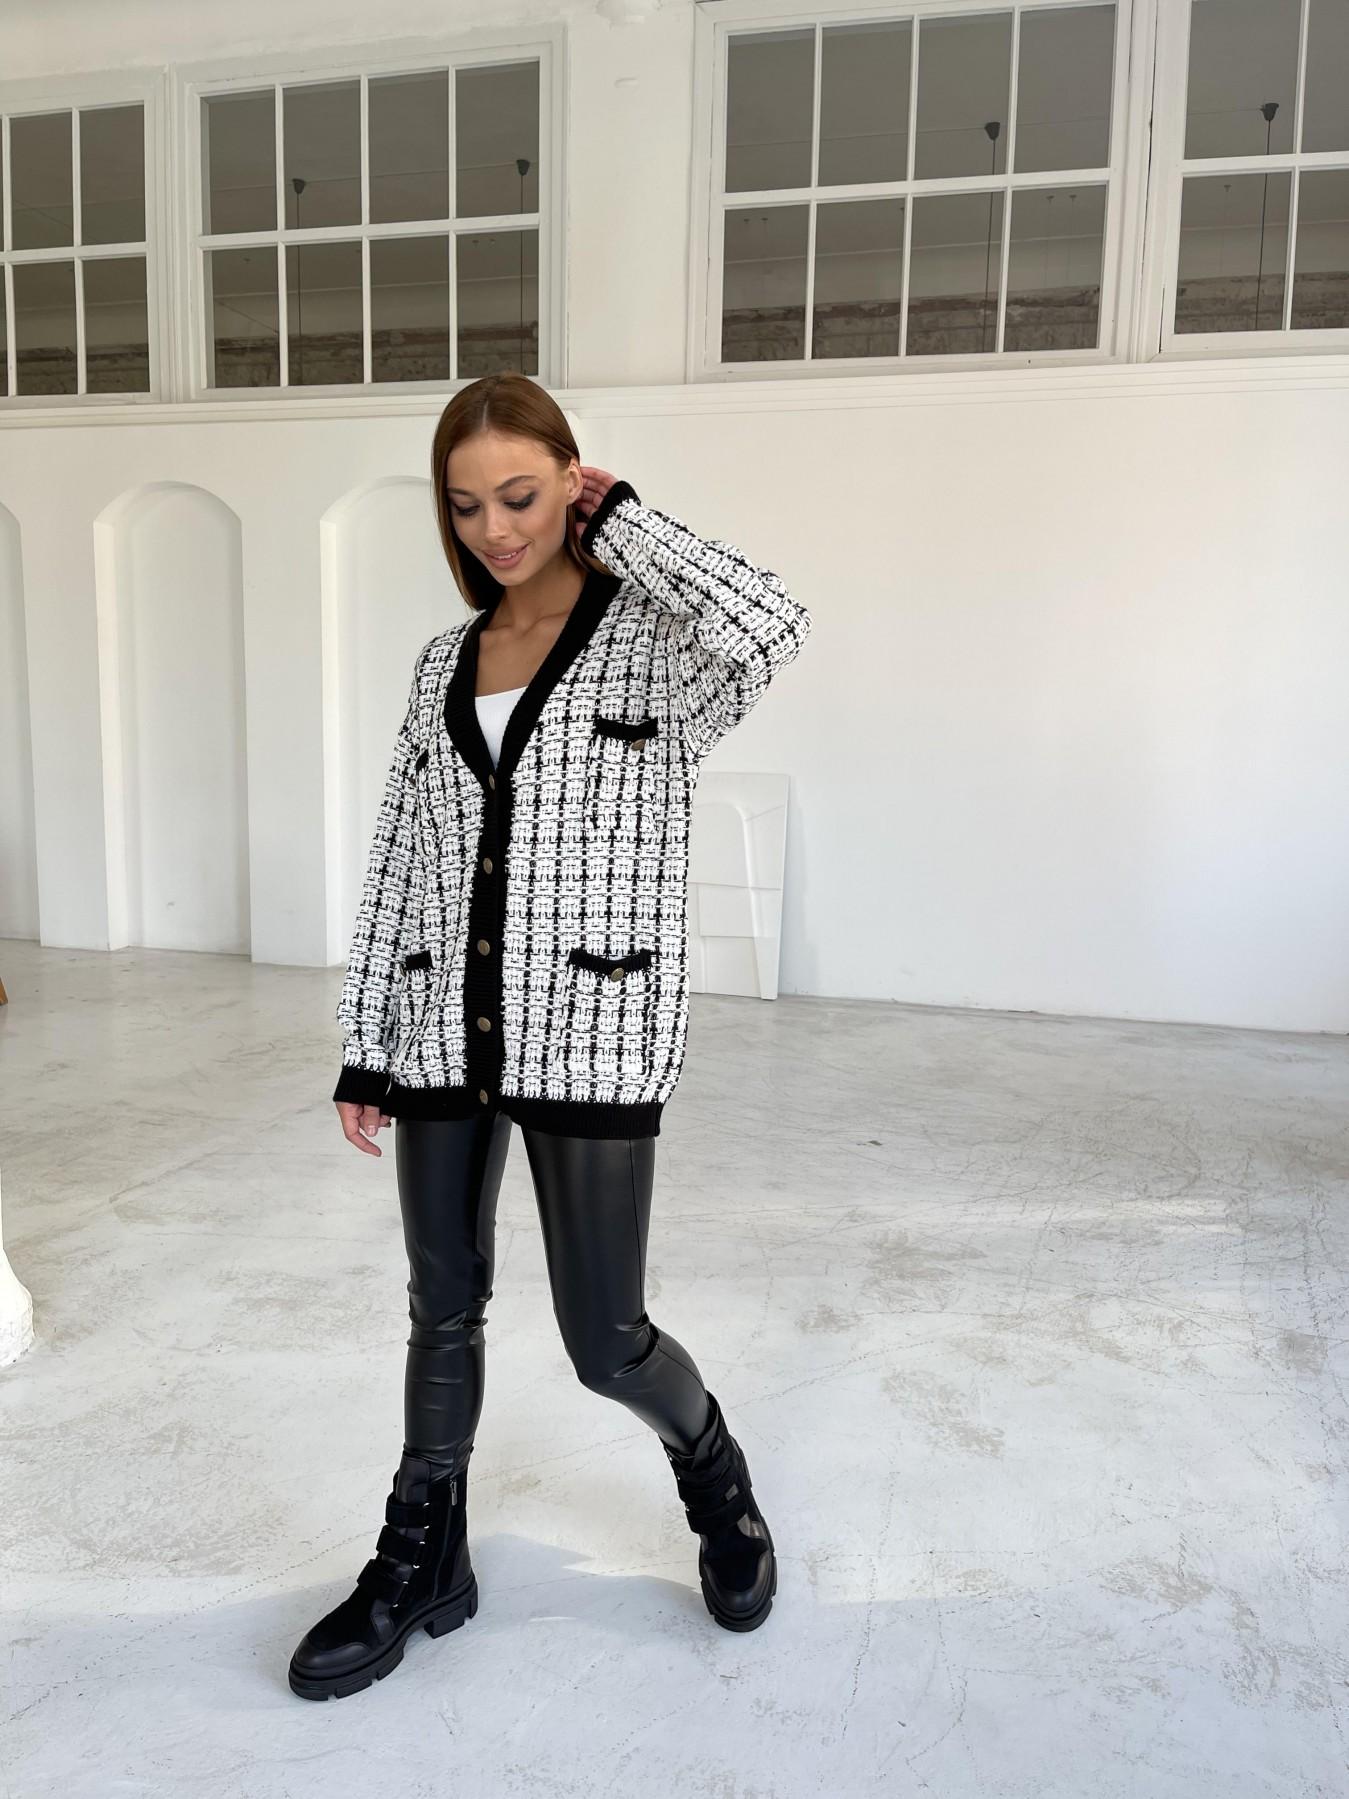 Кардиган 91022 АРТ. 48481 Цвет: Белый/черный - фото 3, интернет магазин tm-modus.ru